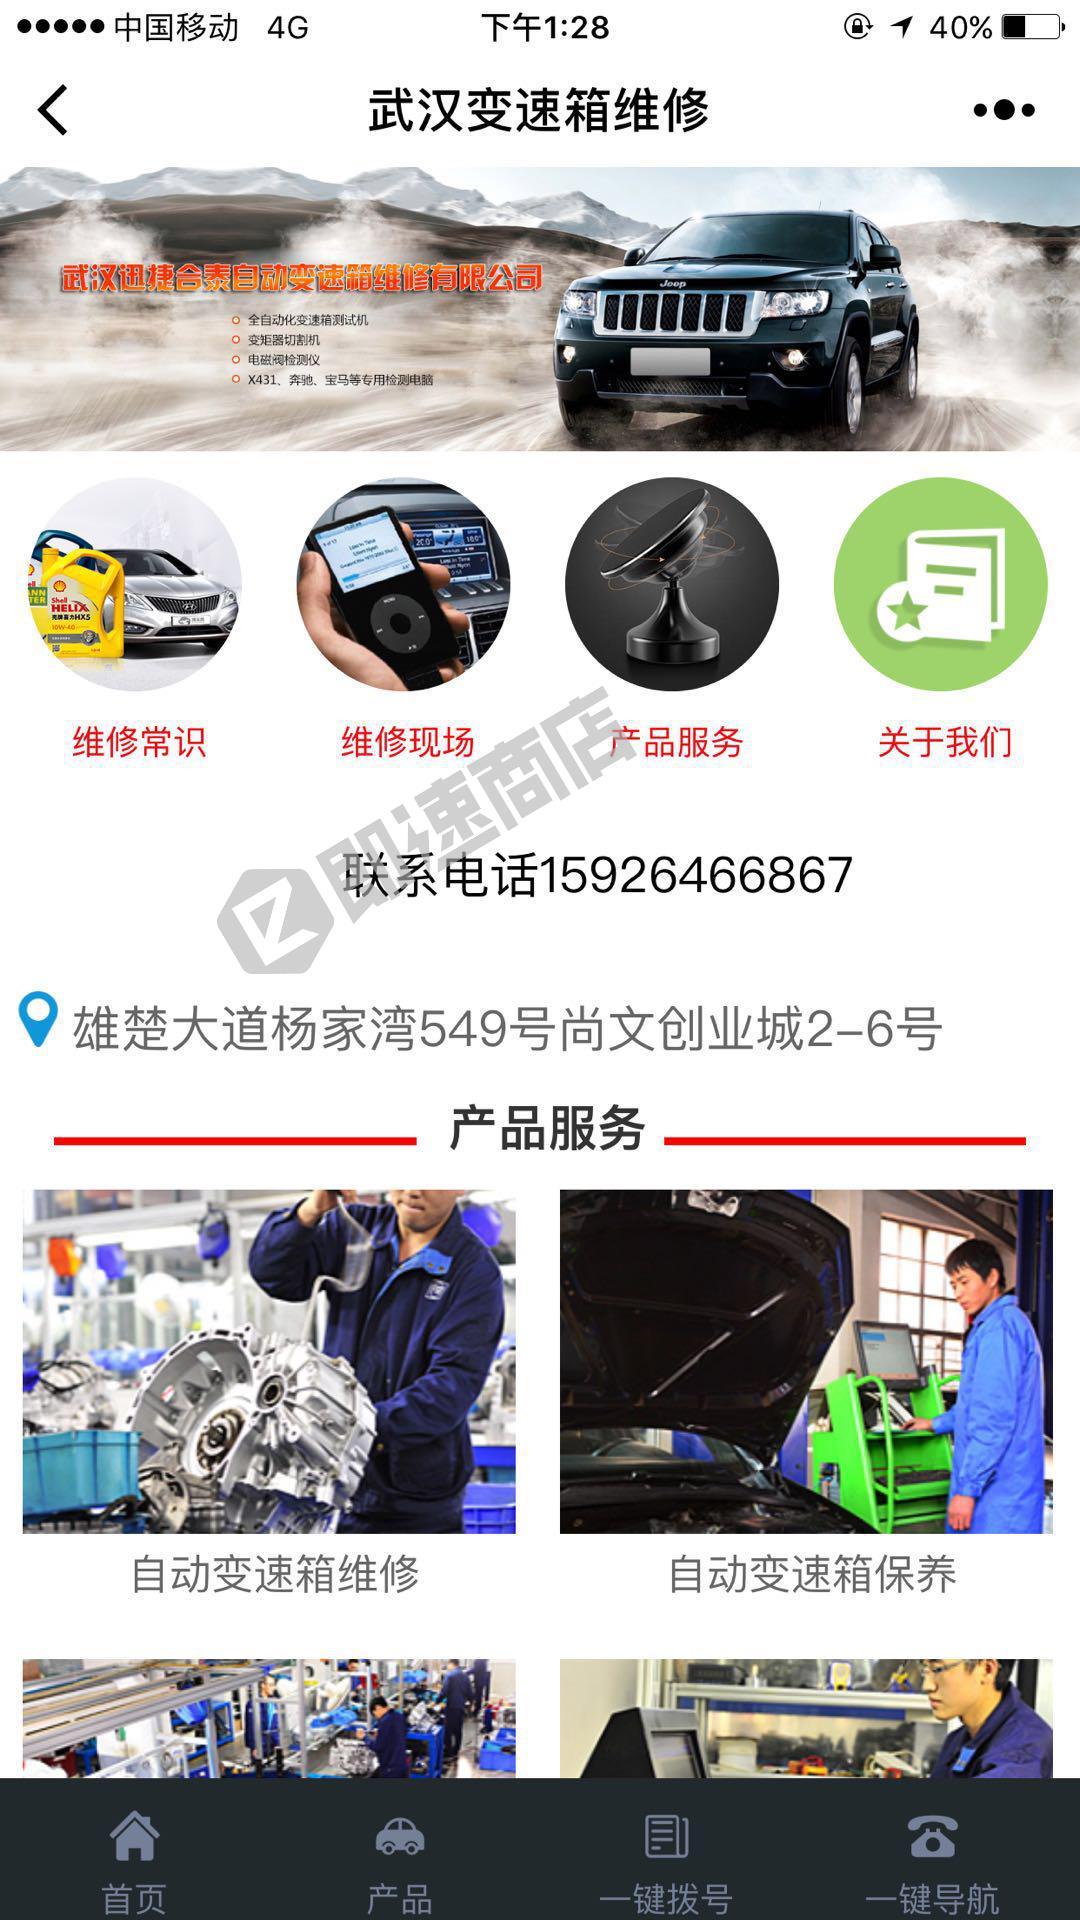 武汉变速箱维修小程序详情页截图1